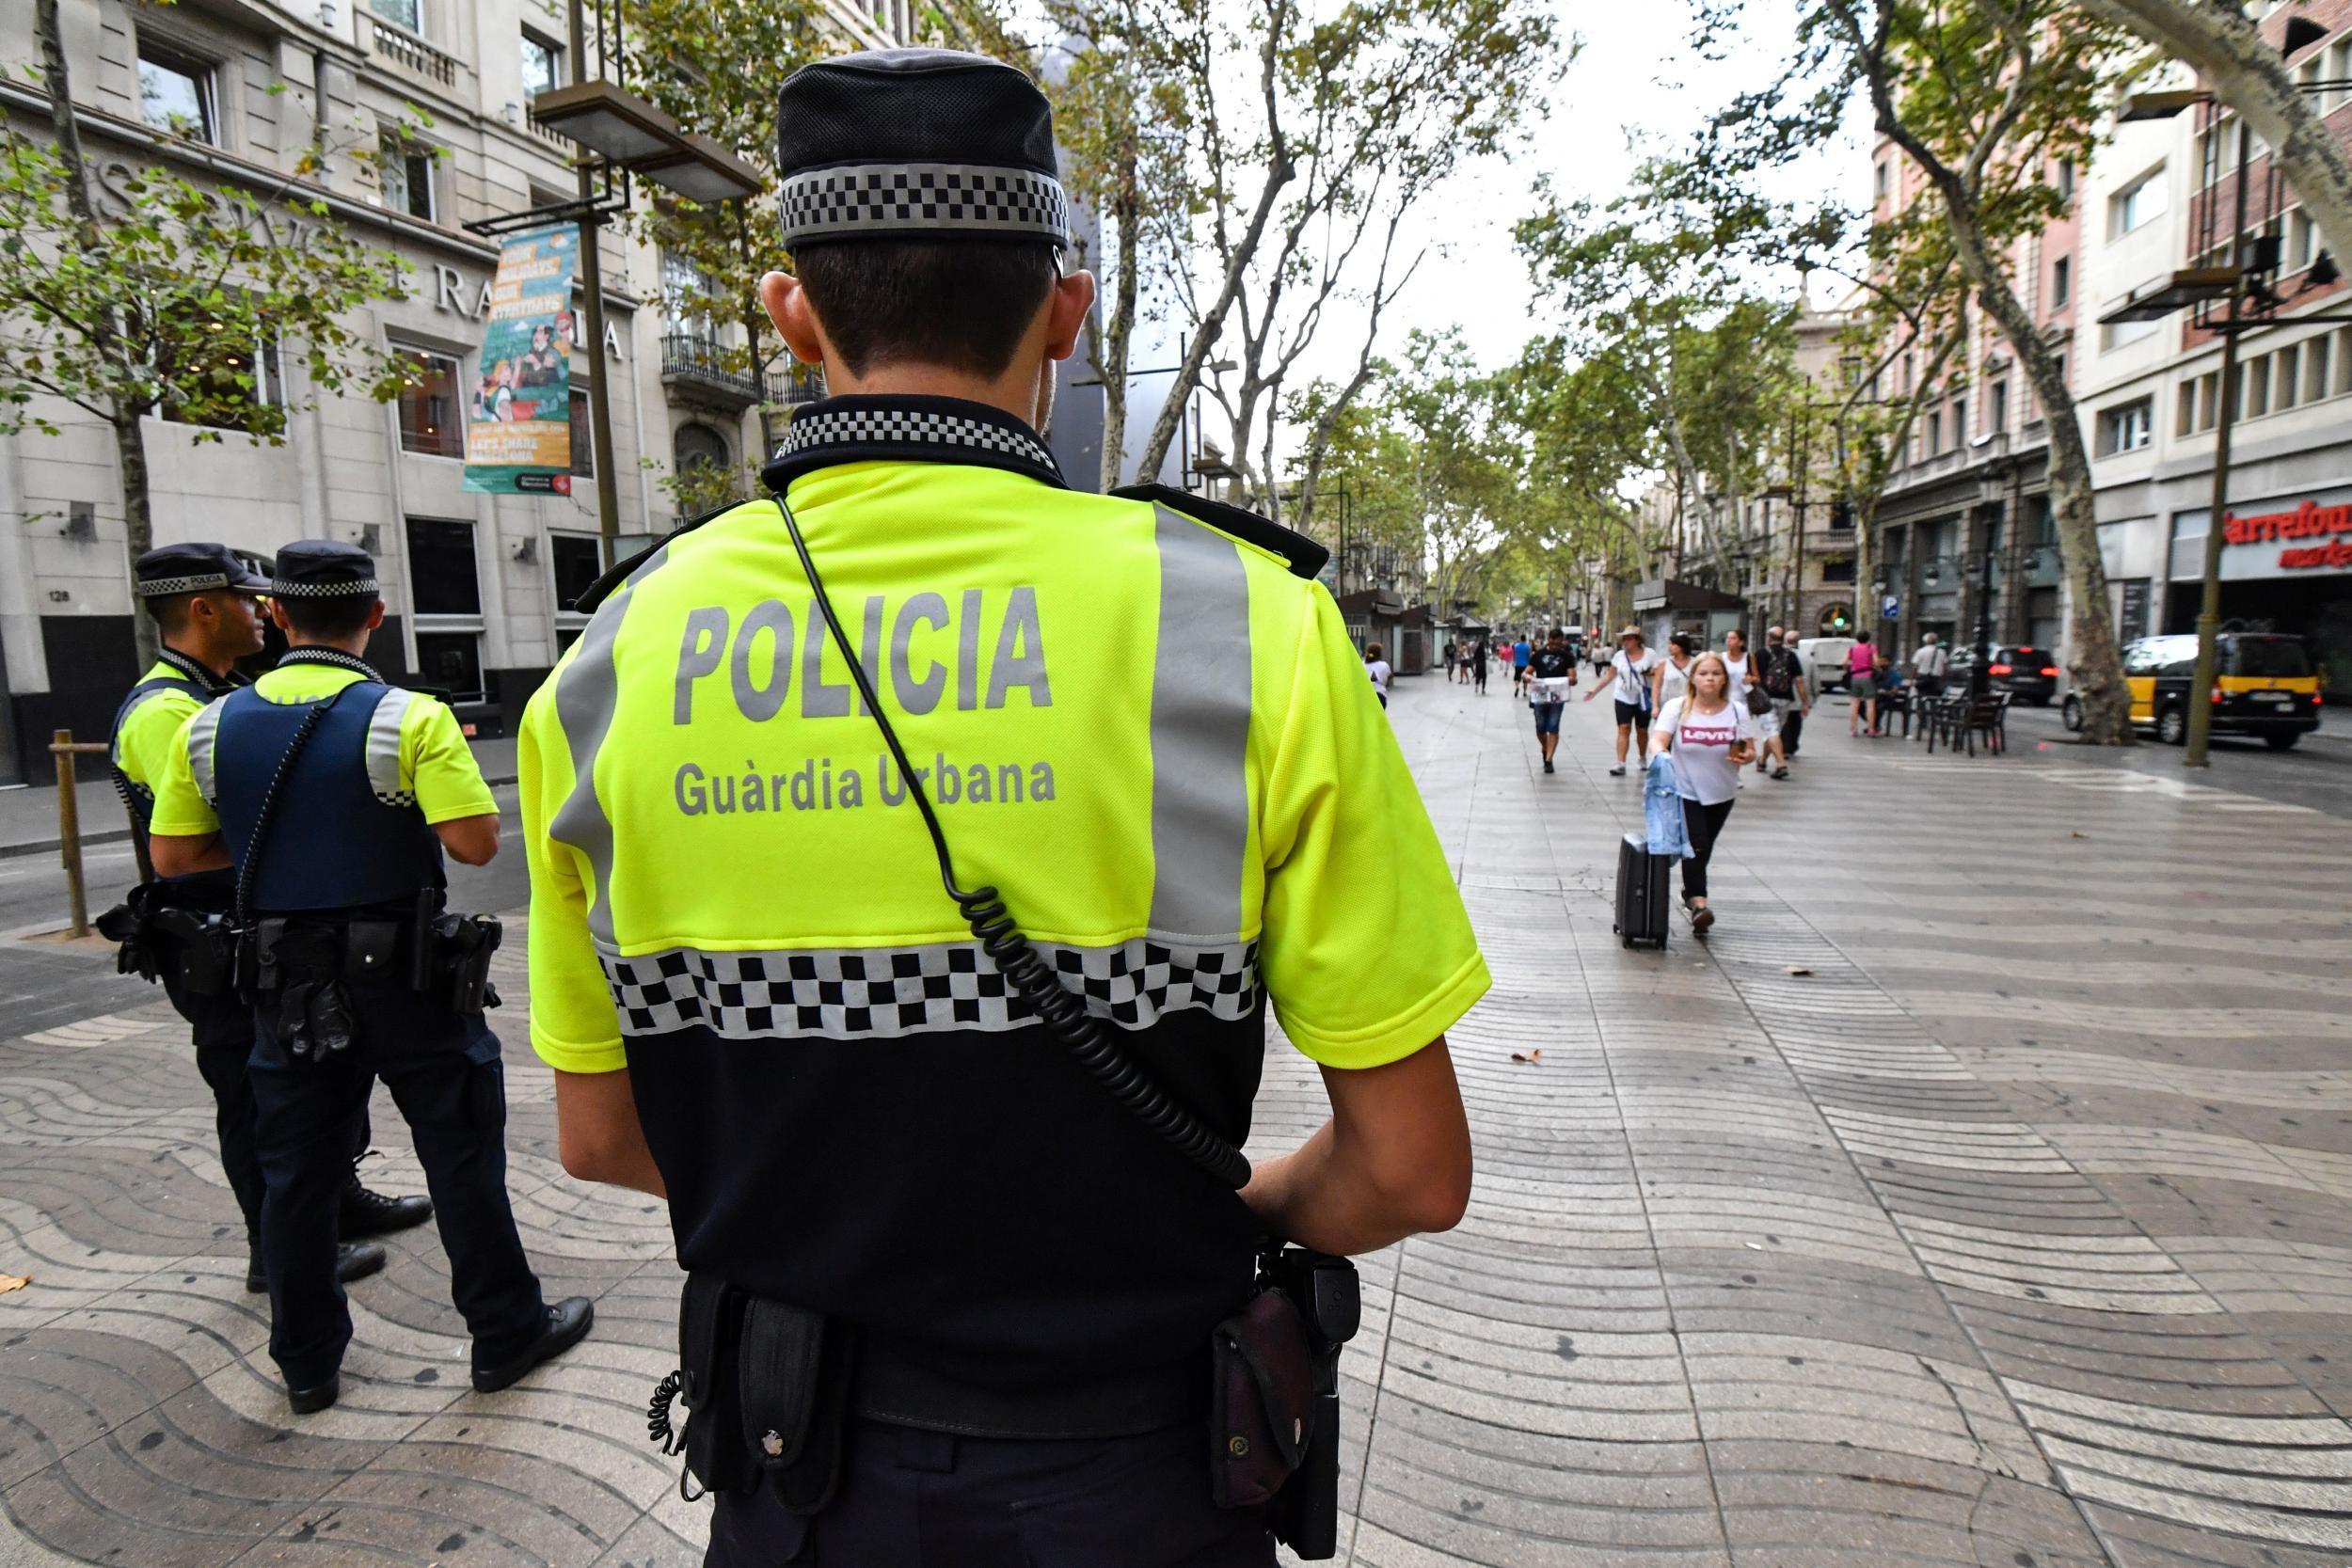 Attacks in Spain